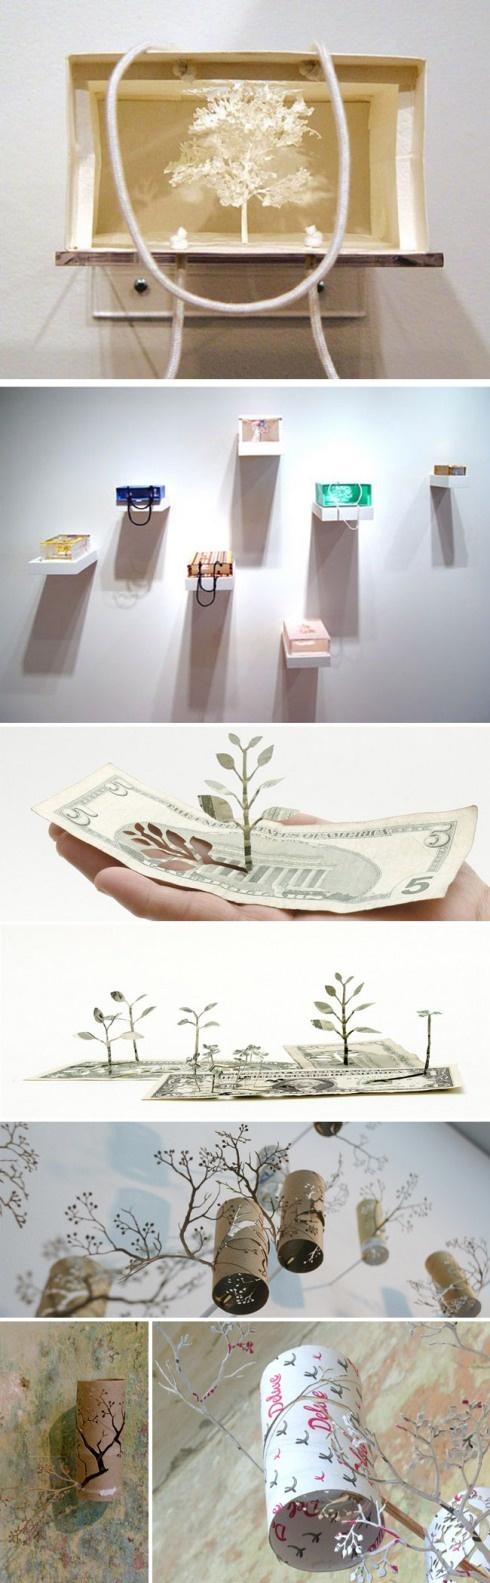 Yuken Teruya: Paper Forests